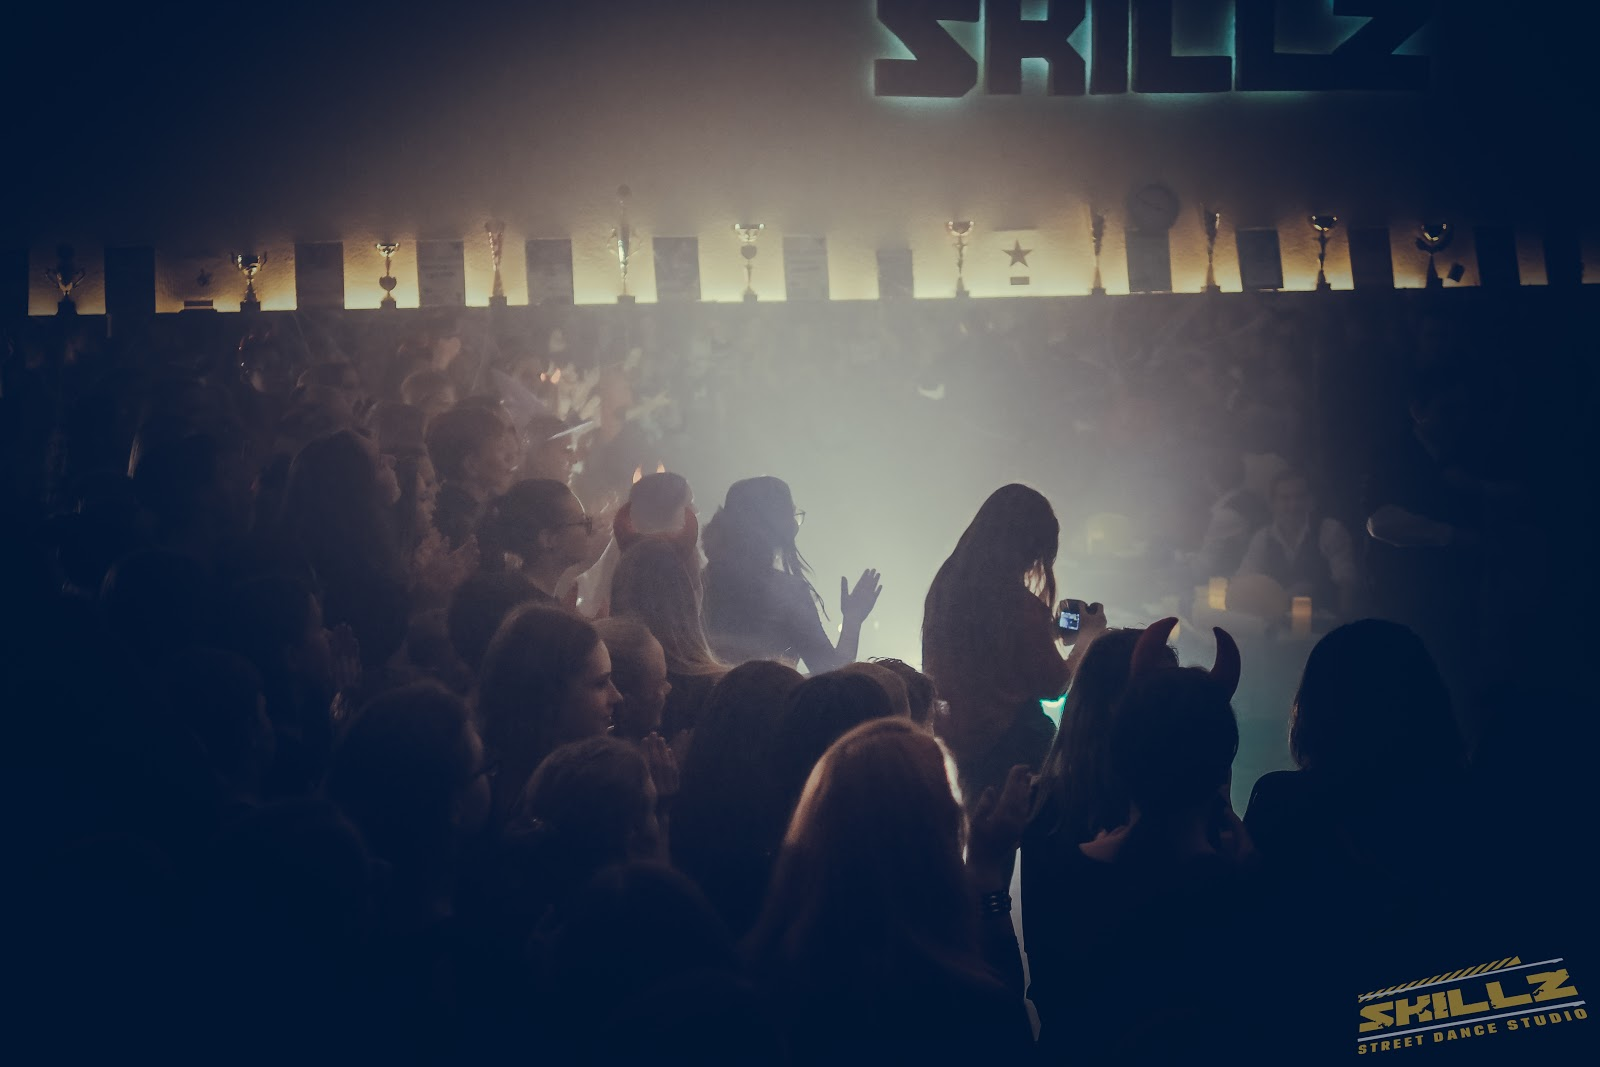 Naujikų krikštynos @SKILLZ (Halloween tema) - PANA1911.jpg